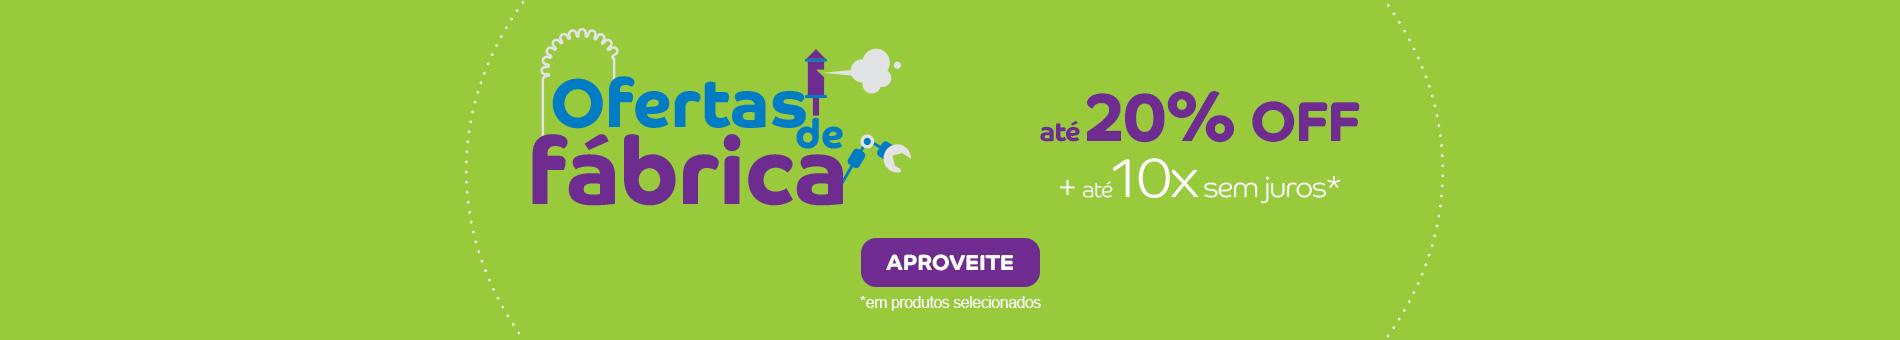 Promoção Interna - 612 - ofertasdefabrica_generico_home1_25072016 - generico - 1